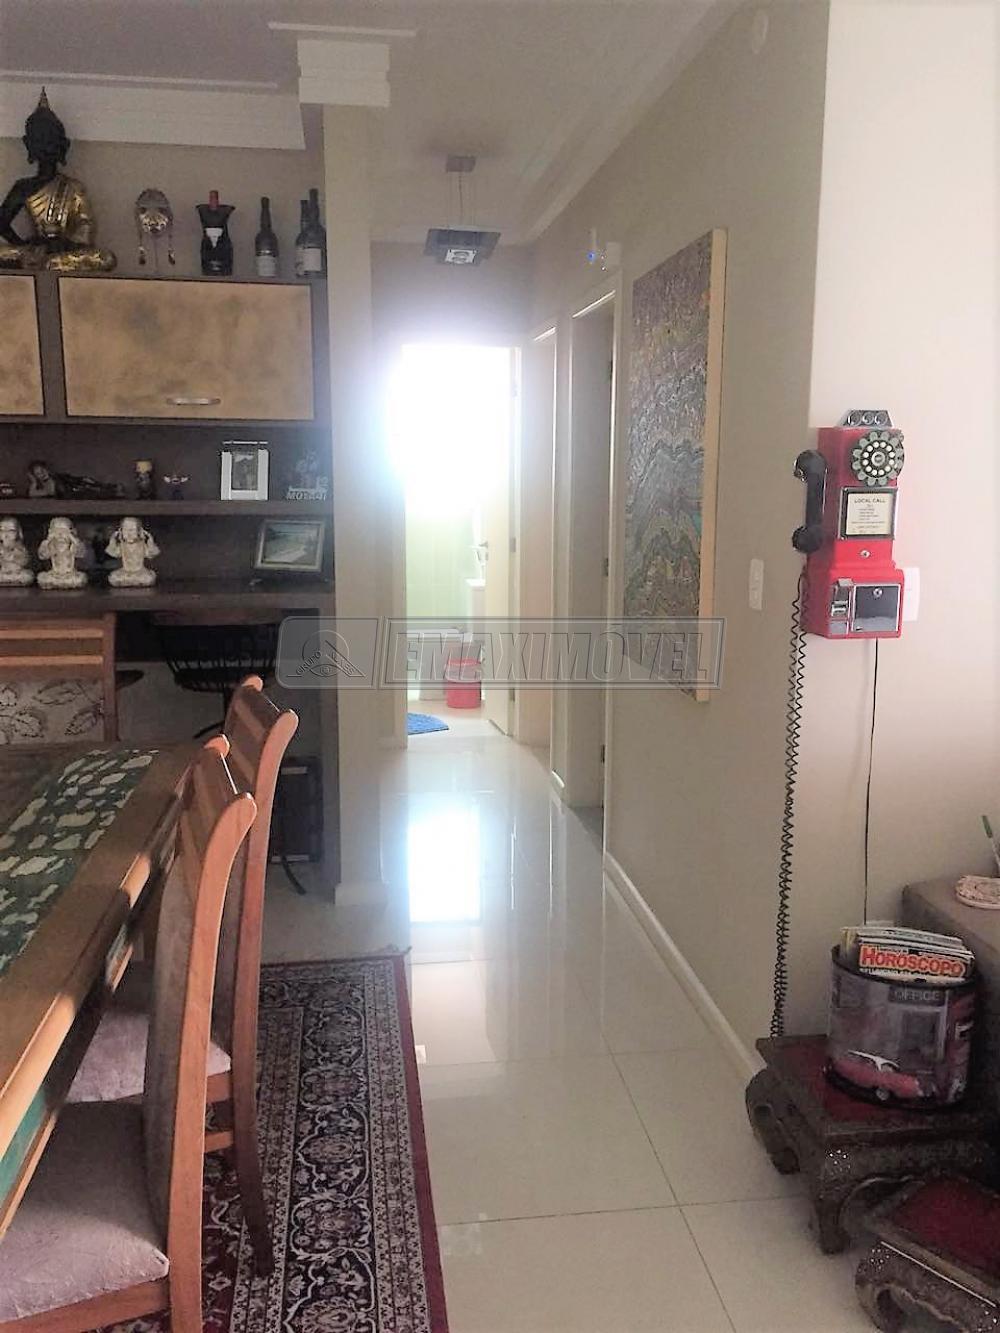 Comprar Apartamentos / Apto Padrão em Sorocaba apenas R$ 650.000,00 - Foto 6